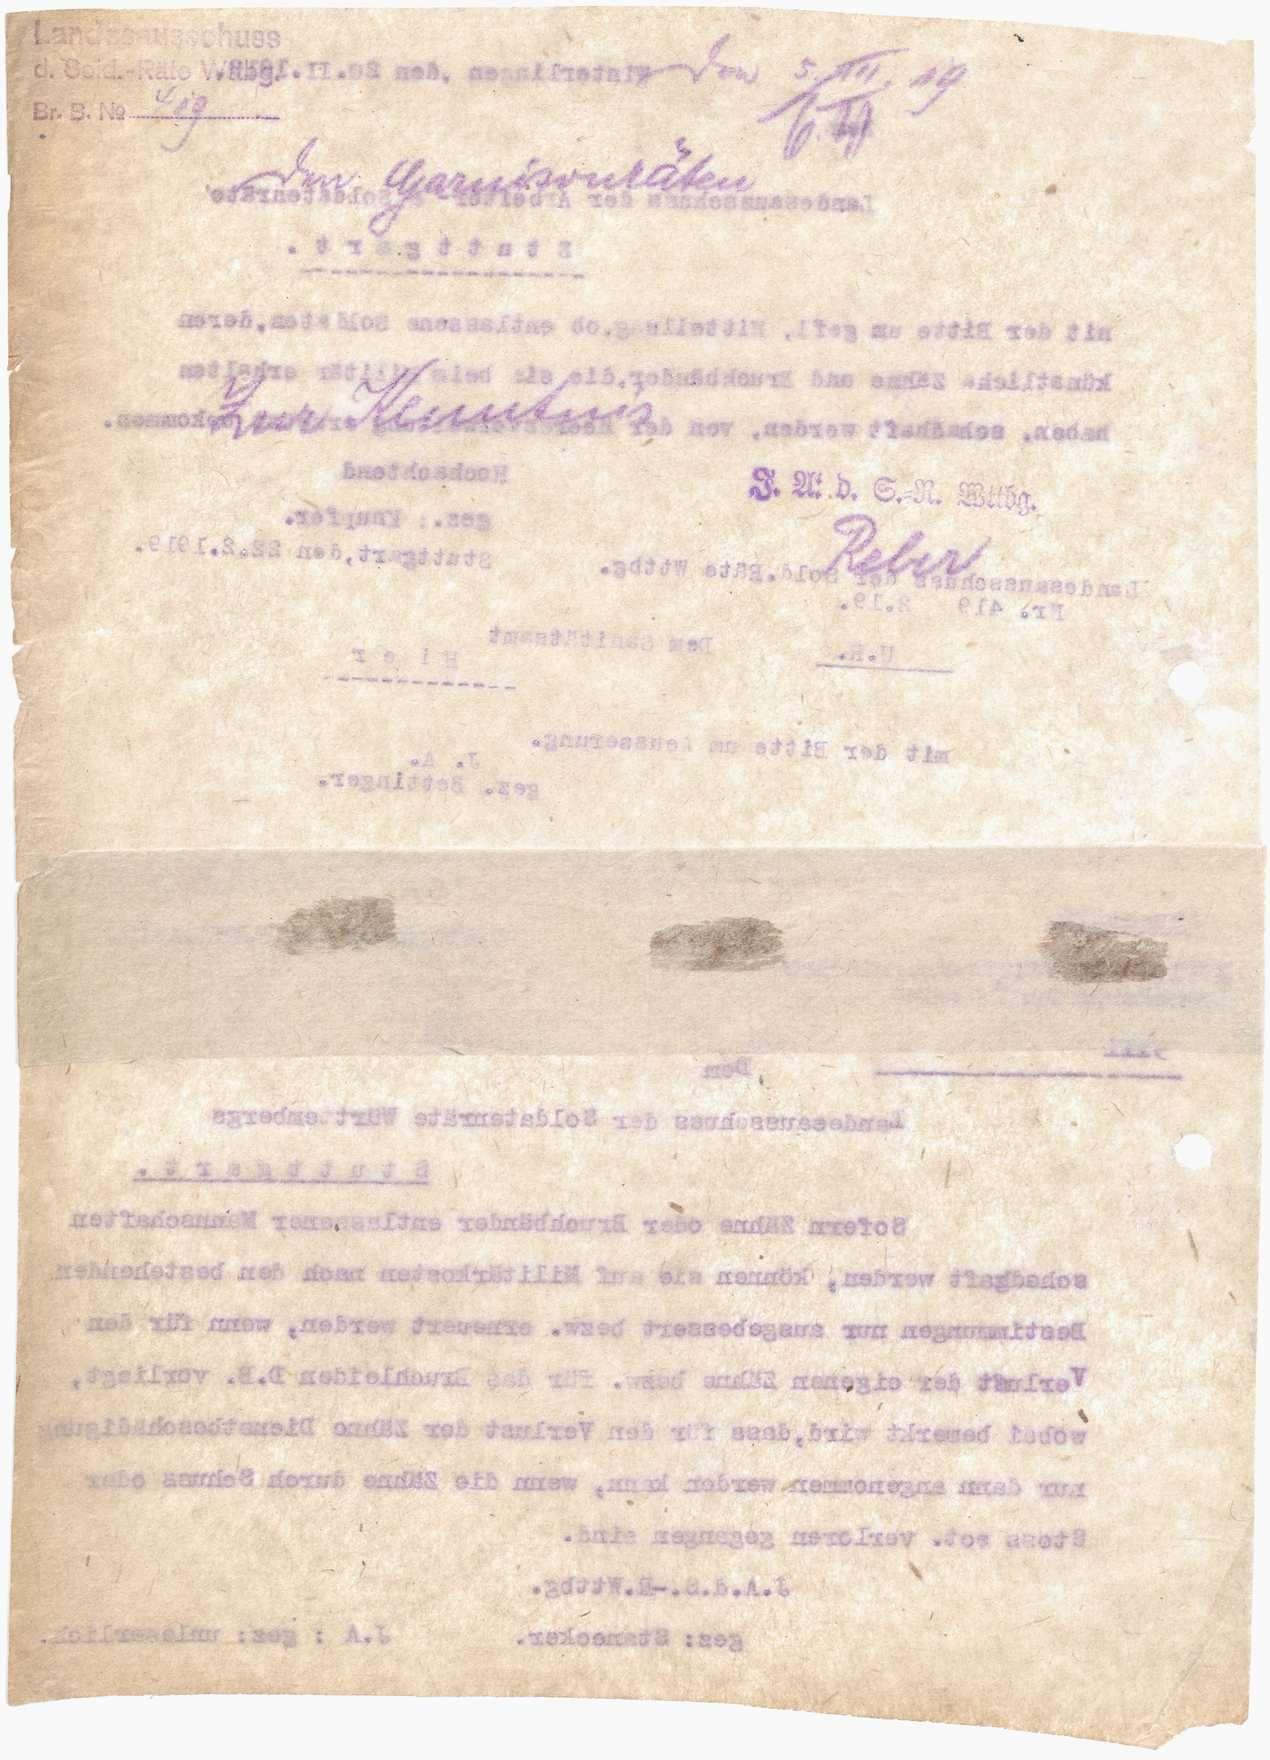 Mitteilung des Landesausschusses der Soldatenräte über den Ersatz von beim Militär erhaltenen, schadhaft gewordenen künstlichen Zähnen und Bruchbändern, Bild 2